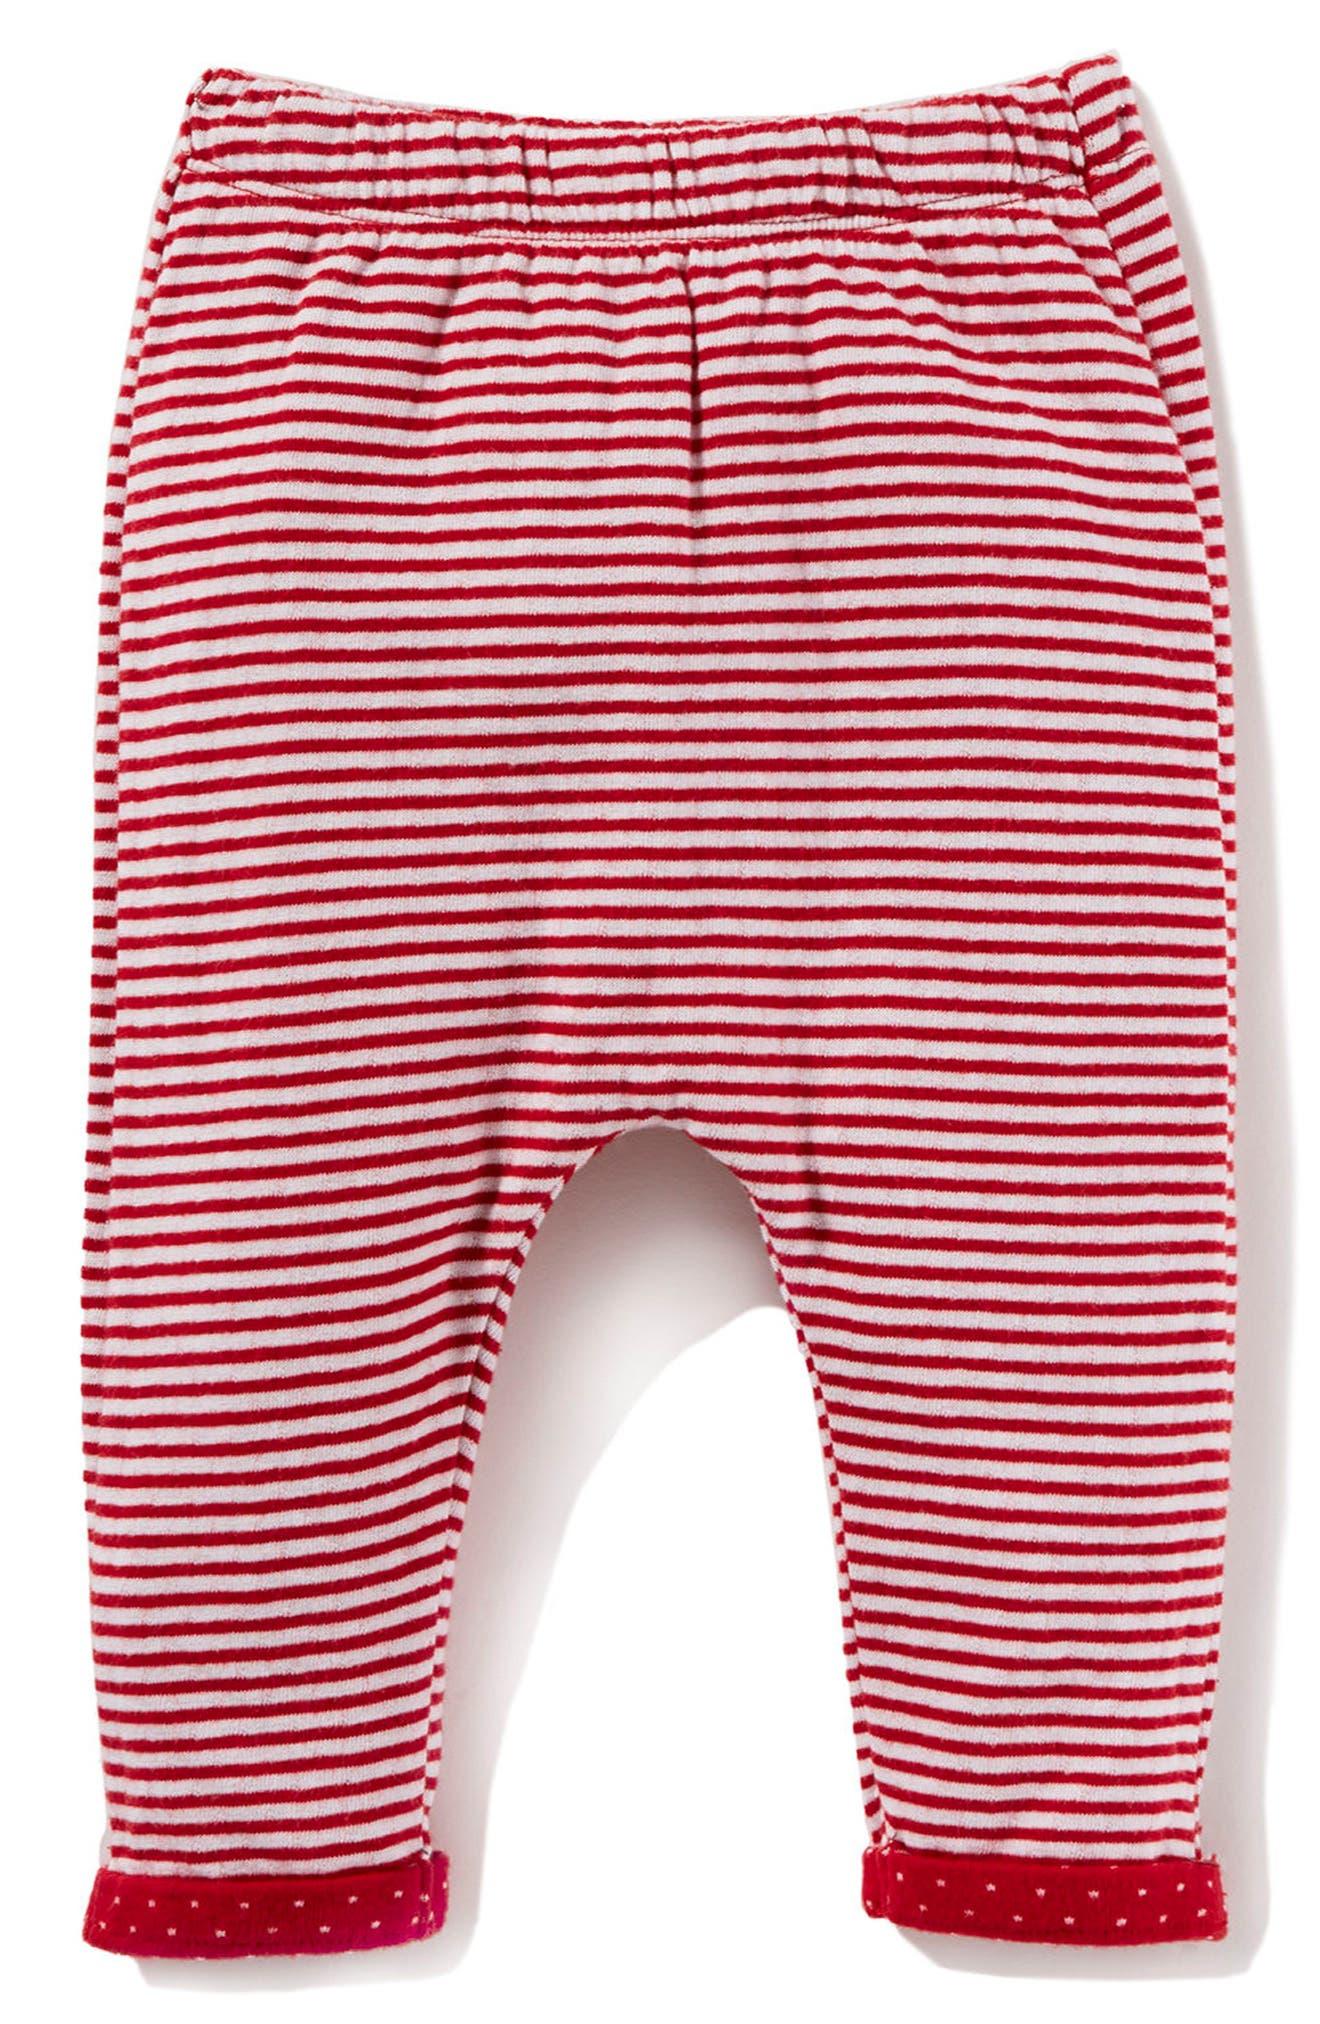 Peek Marley Pants (Baby Girls)